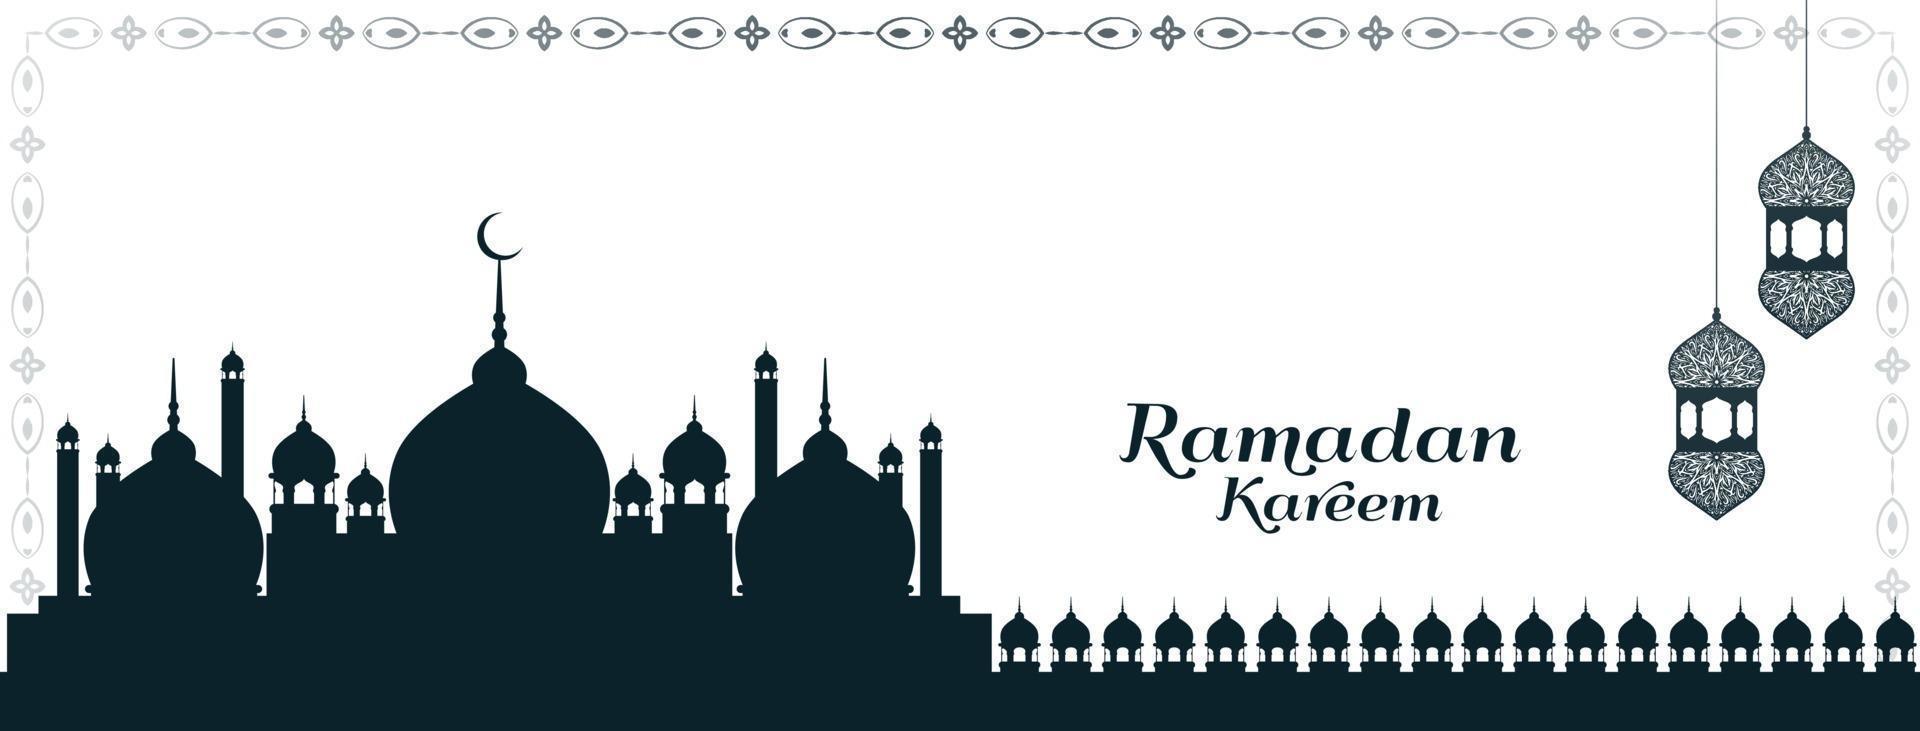 kulturell ramadan kareem festival islamisk banner design vektor